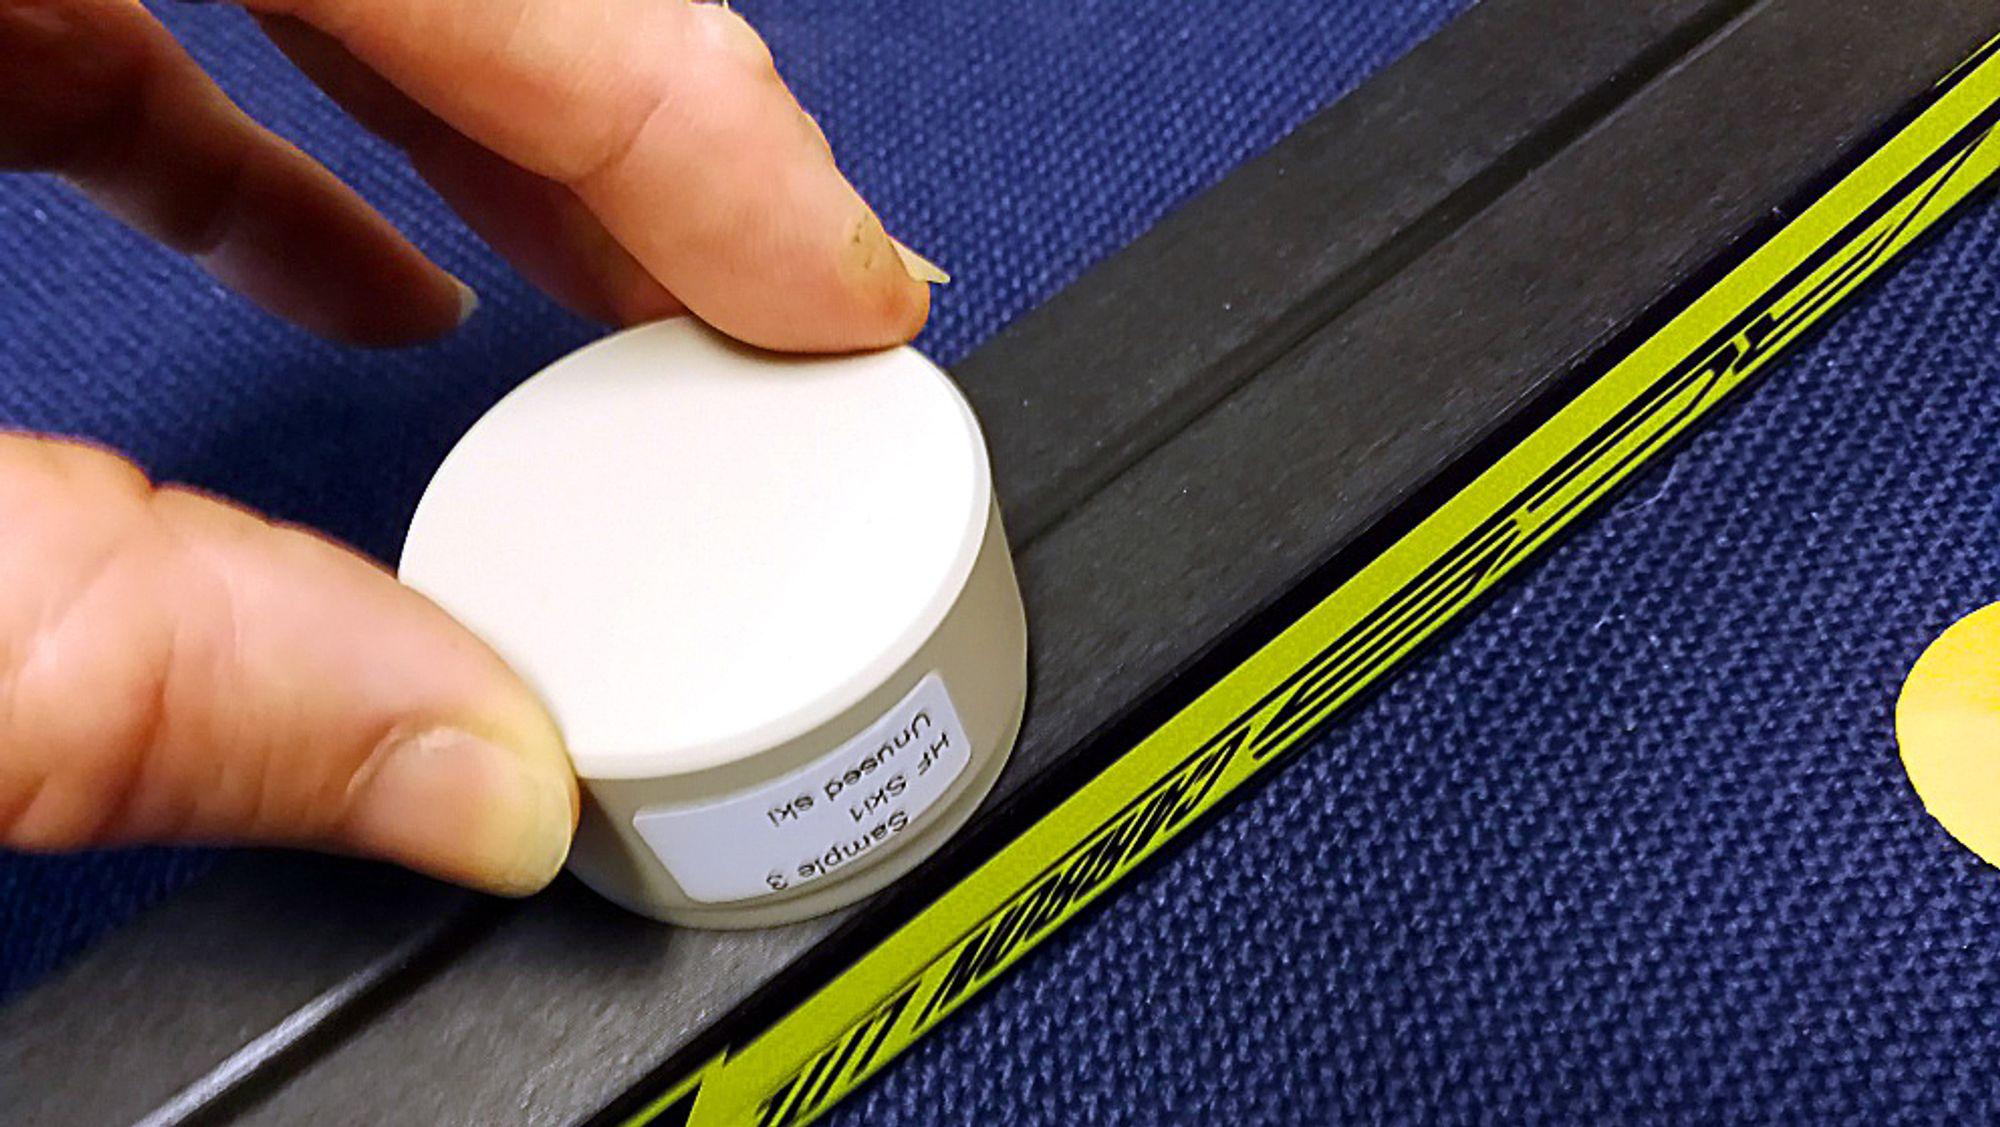 Testing: Ved å dytte en teipbit festet til en prøveholder mot skisålen, kan man etter noen sekunder i et spektroskop se om skien er glidet med fluor. Foto: NILU